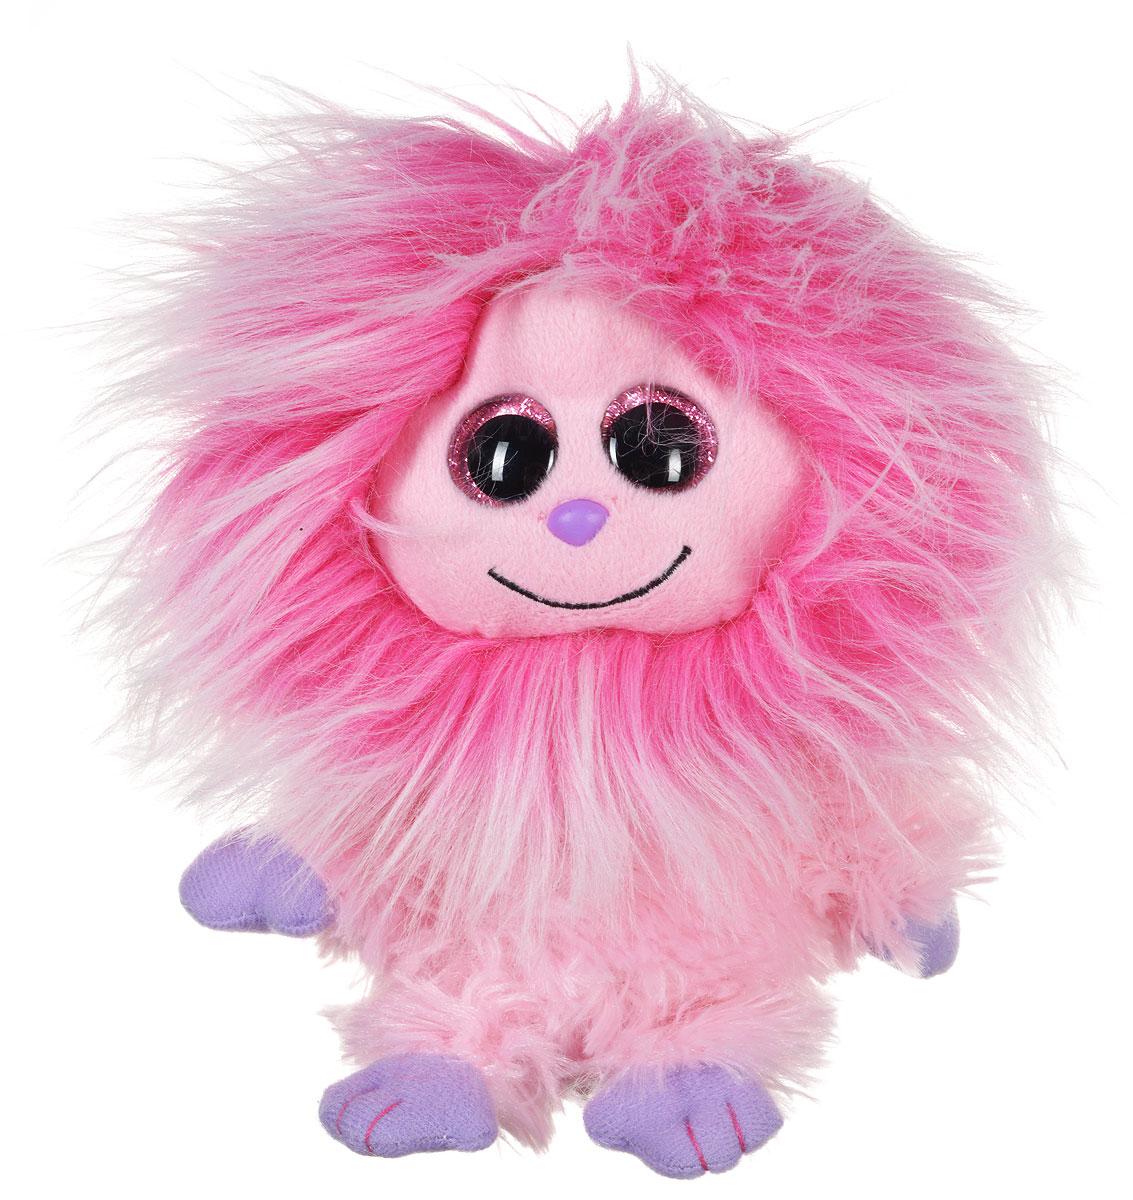 TY Мягкая игрушка Домовенок Kink 15 см37133пцМягкая игрушка TY Домовенок Kink вызовет улыбку у каждого, кто ее увидит. Игрушка изготовлена из безопасных, приятных на ощупь материалов в виде милого мохнатого домовенка. Яркий монстрик с большими розовыми глазами, еще никого не оставлял равнодушным! У игрушки мягкая розовая шерстка и фиолетовые лапки. Пластиковые гранулы, используемые при набивке игрушки, способствуют развитию мелкой моторики рук ребенка. Симпатичная игрушка будет радовать вашего ребенка, а также способствовать полноценному и гармоничному развитию его личности.